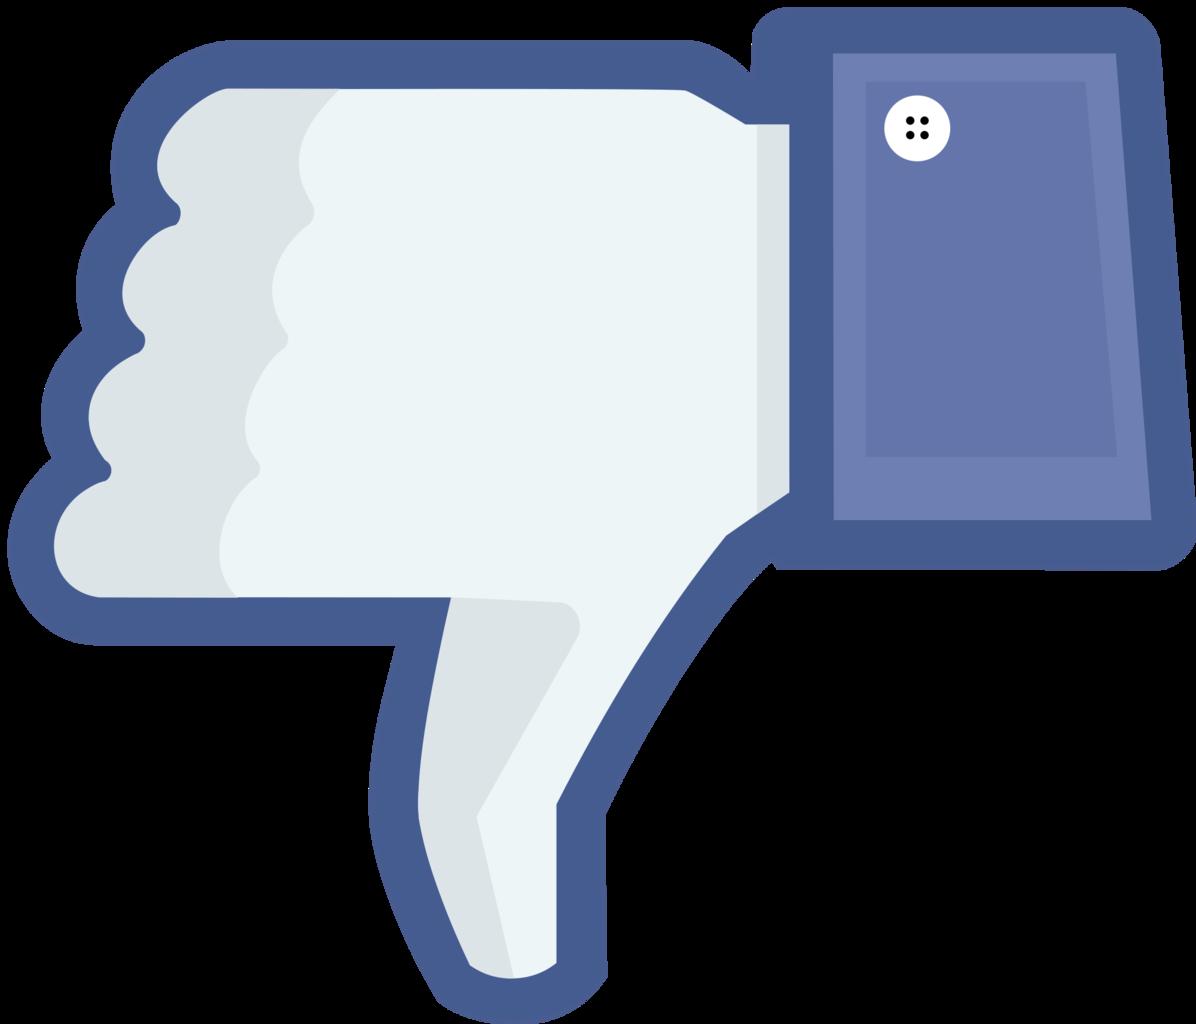 Facebook thumbs down clip. Thumb clipart thum